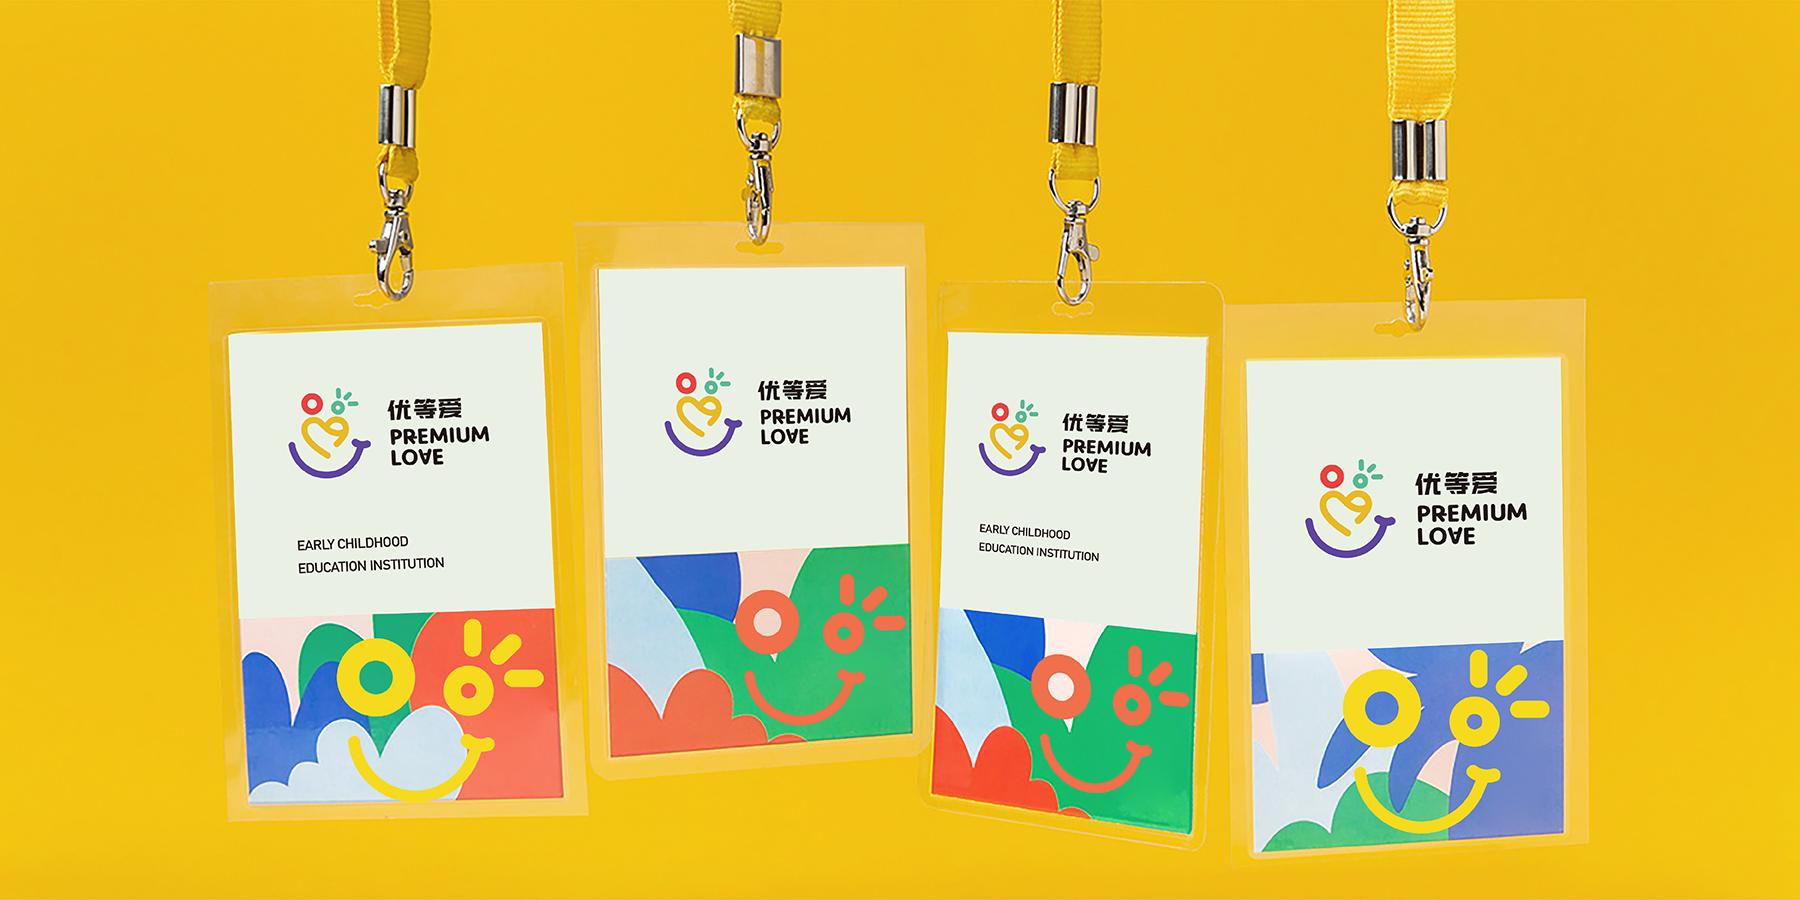 优等爱-logo设计-VI设计-品牌设计